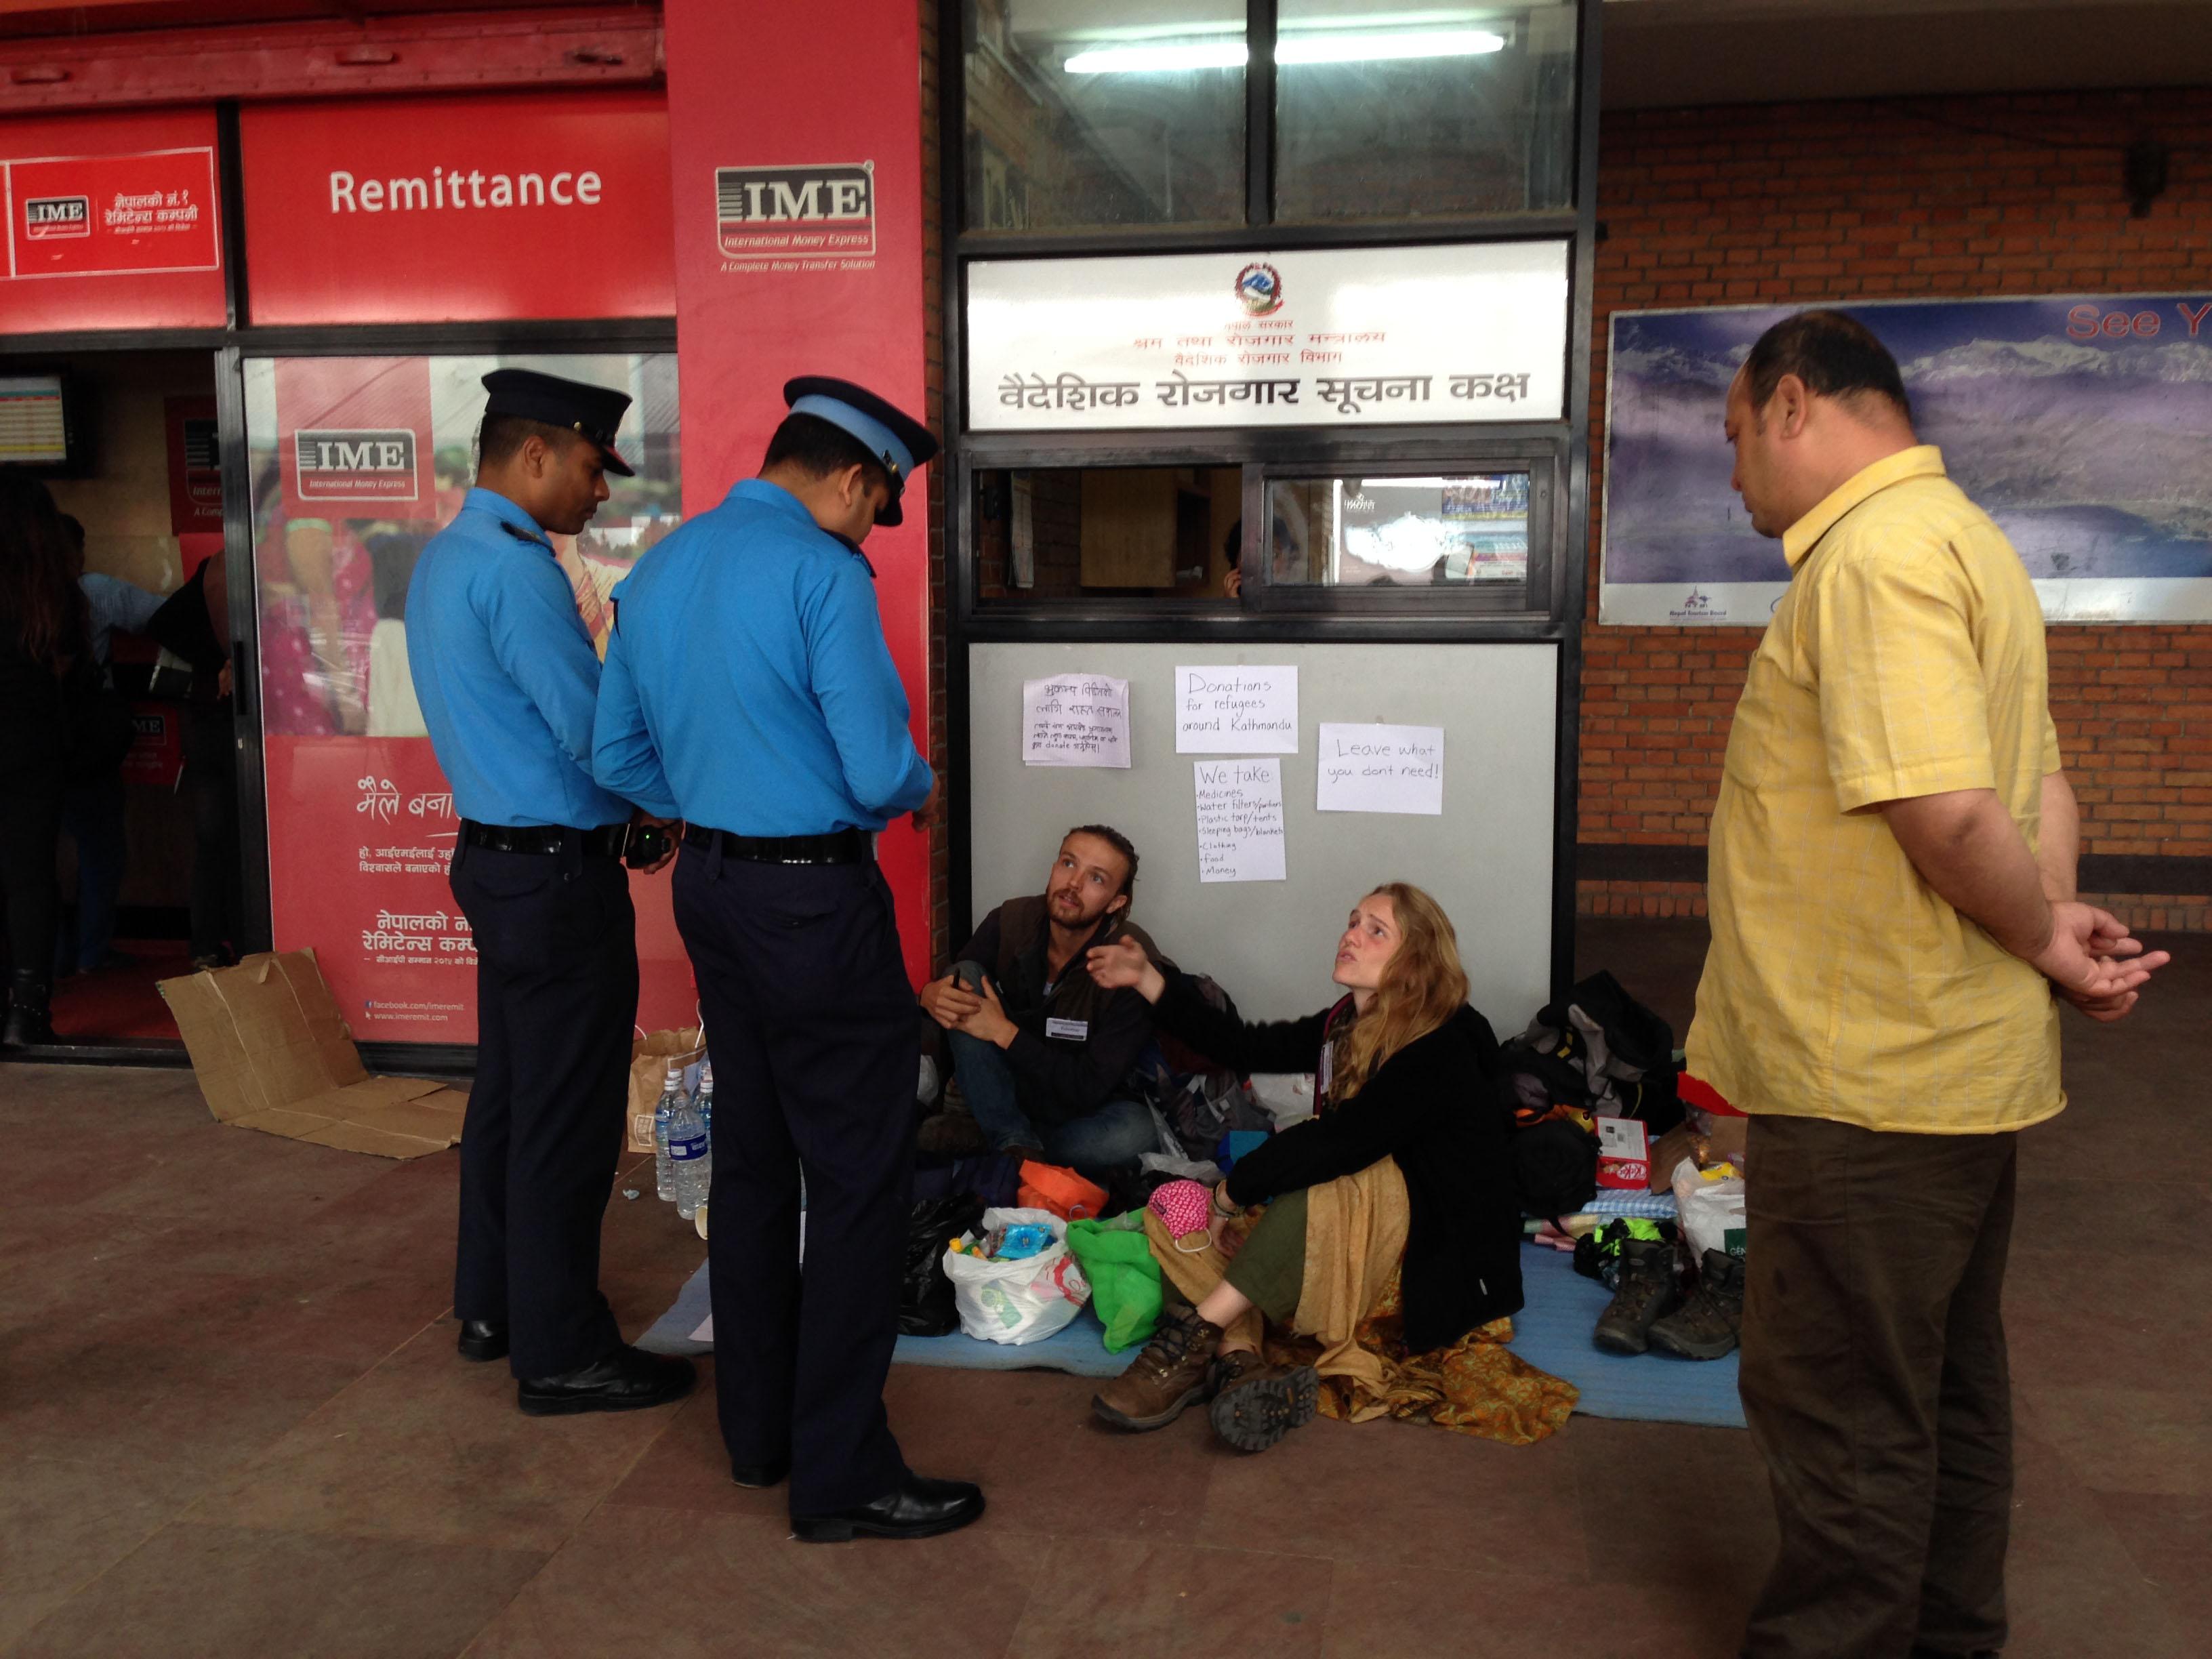 21-tôi bỏ lại toàn bộ thuốc men mang theo cho những người tình nguyện ở lại huy động giúp Nepal